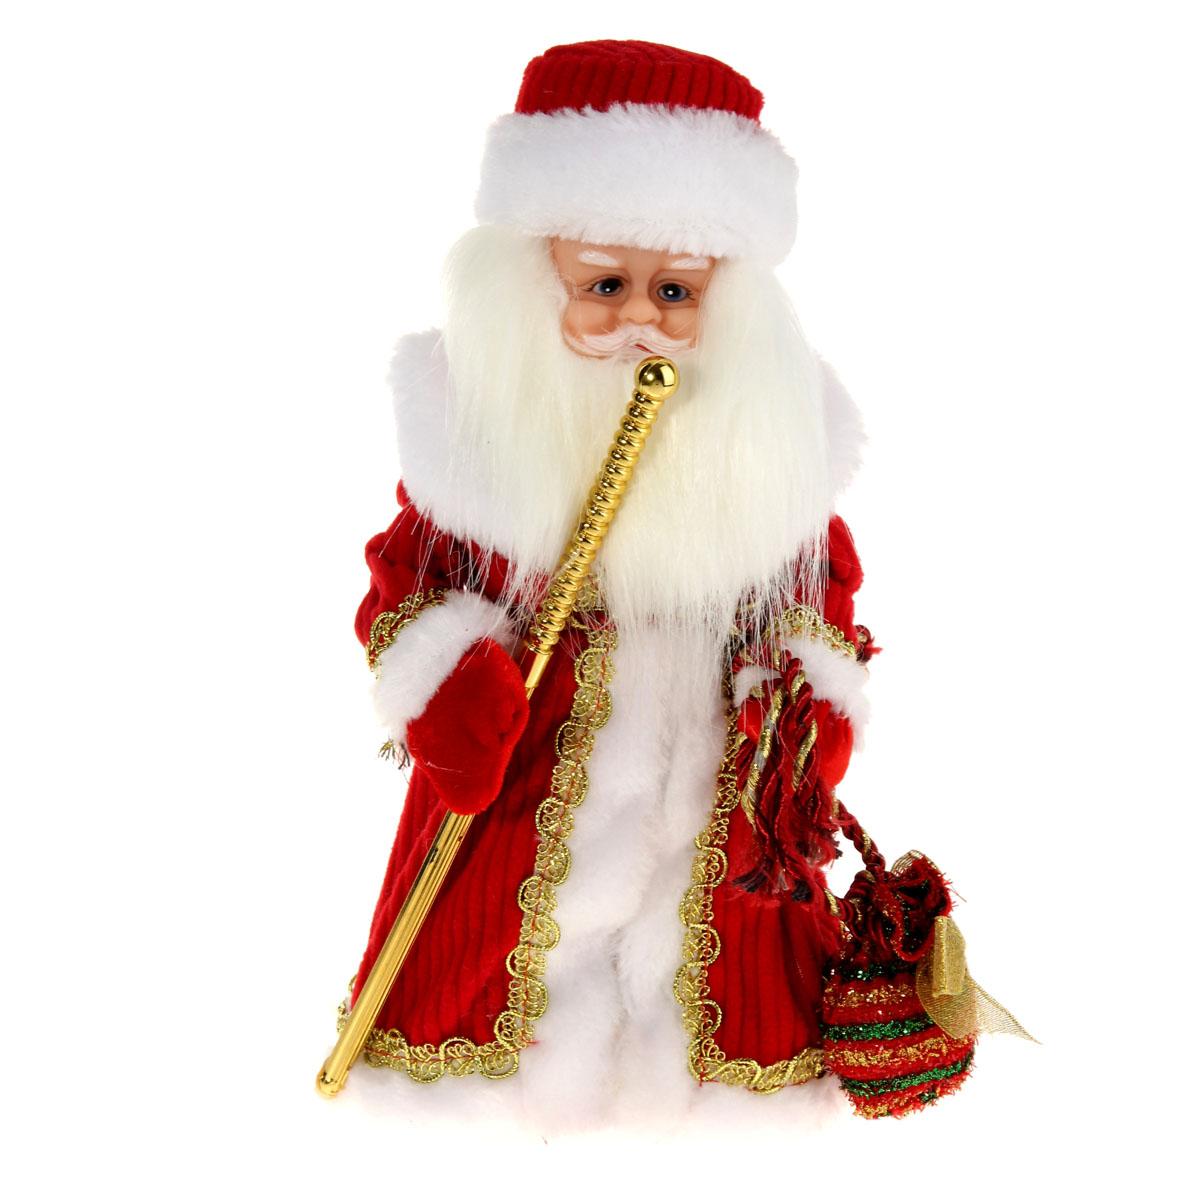 Новогодняя декоративная фигурка Sima-land Дед Мороз, анимированная, высота 28 см. 827840827840Новогодняя декоративная фигурка Sima-land выполнена из высококачественного пластика в виде Деда Мороза. Дед Мороз одет в шубу с опушкой, украшенную тесьмой и варежки. На голове шапка в цвет шубы. В одной руке Дед Мороз держит посох, а в другой мешок с подарками. Игрушка стоит на пластиковой подставке. Особенностью фигурки является наличие механизма, при включении которого играет мелодия, а голова и руки куклы начинают двигаться. Его добрый вид и очаровательная улыбка притягивают к себе восторженные взгляды. Декоративная фигурка Дед Мороз подойдет для оформления новогоднего интерьера и принесет с собой атмосферу радости и веселья. УВАЖАЕМЫЕ КЛИЕНТЫ! Обращаем ваше внимание на тот факт, что декоративная фигурка работает от трех батареек типа АА напряжением 1,5V. Батарейки в комплект не входят.